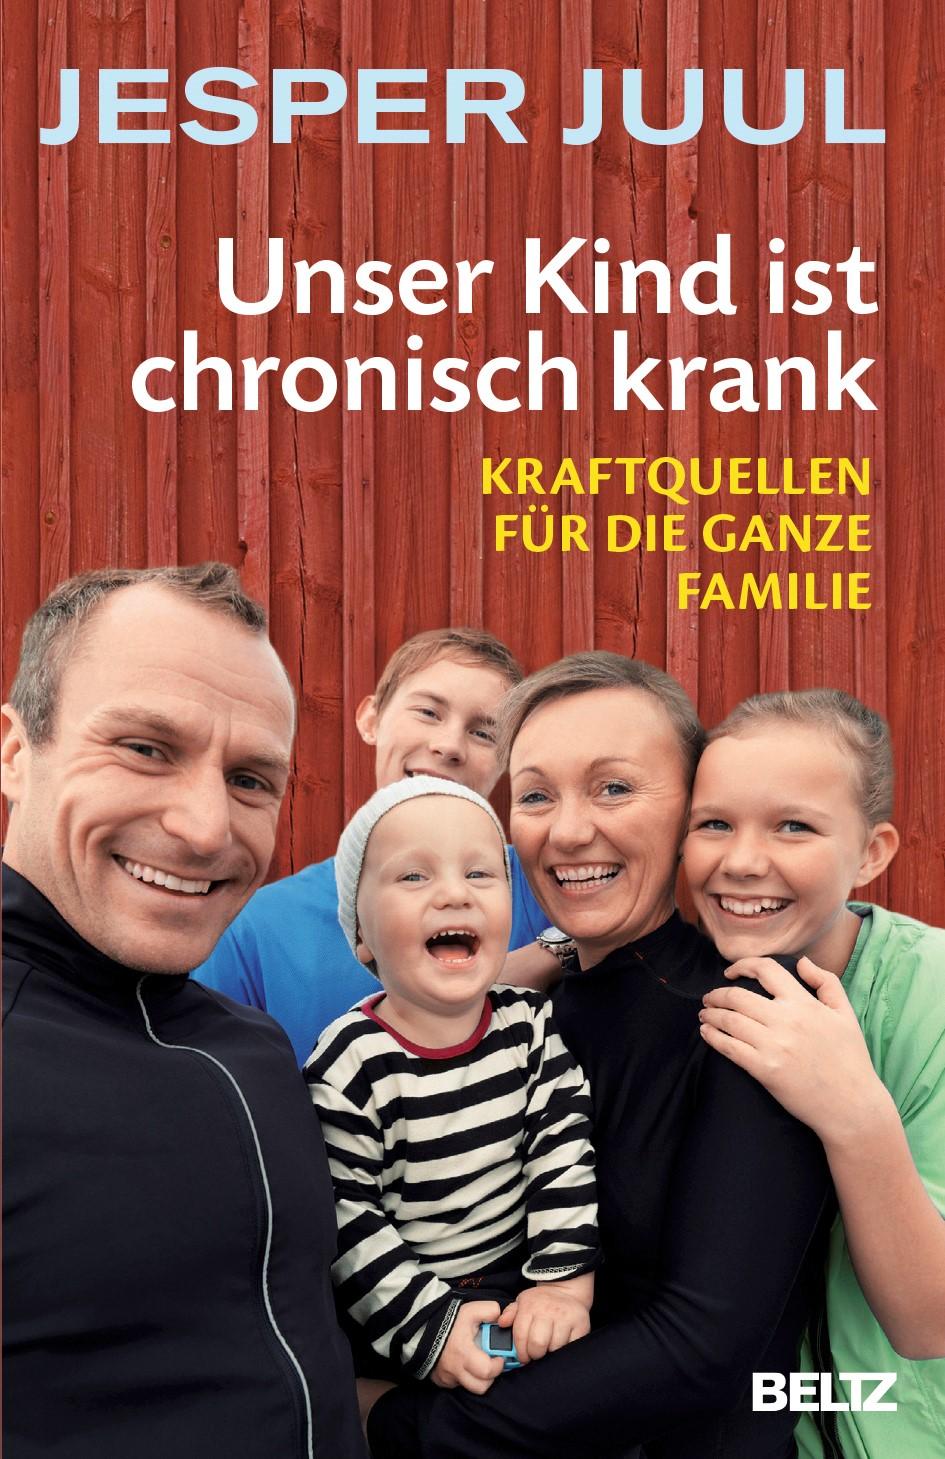 Unser Kind ist chronisch krank   Juul   Lizenzausgabe, 2014   Buch (Cover)